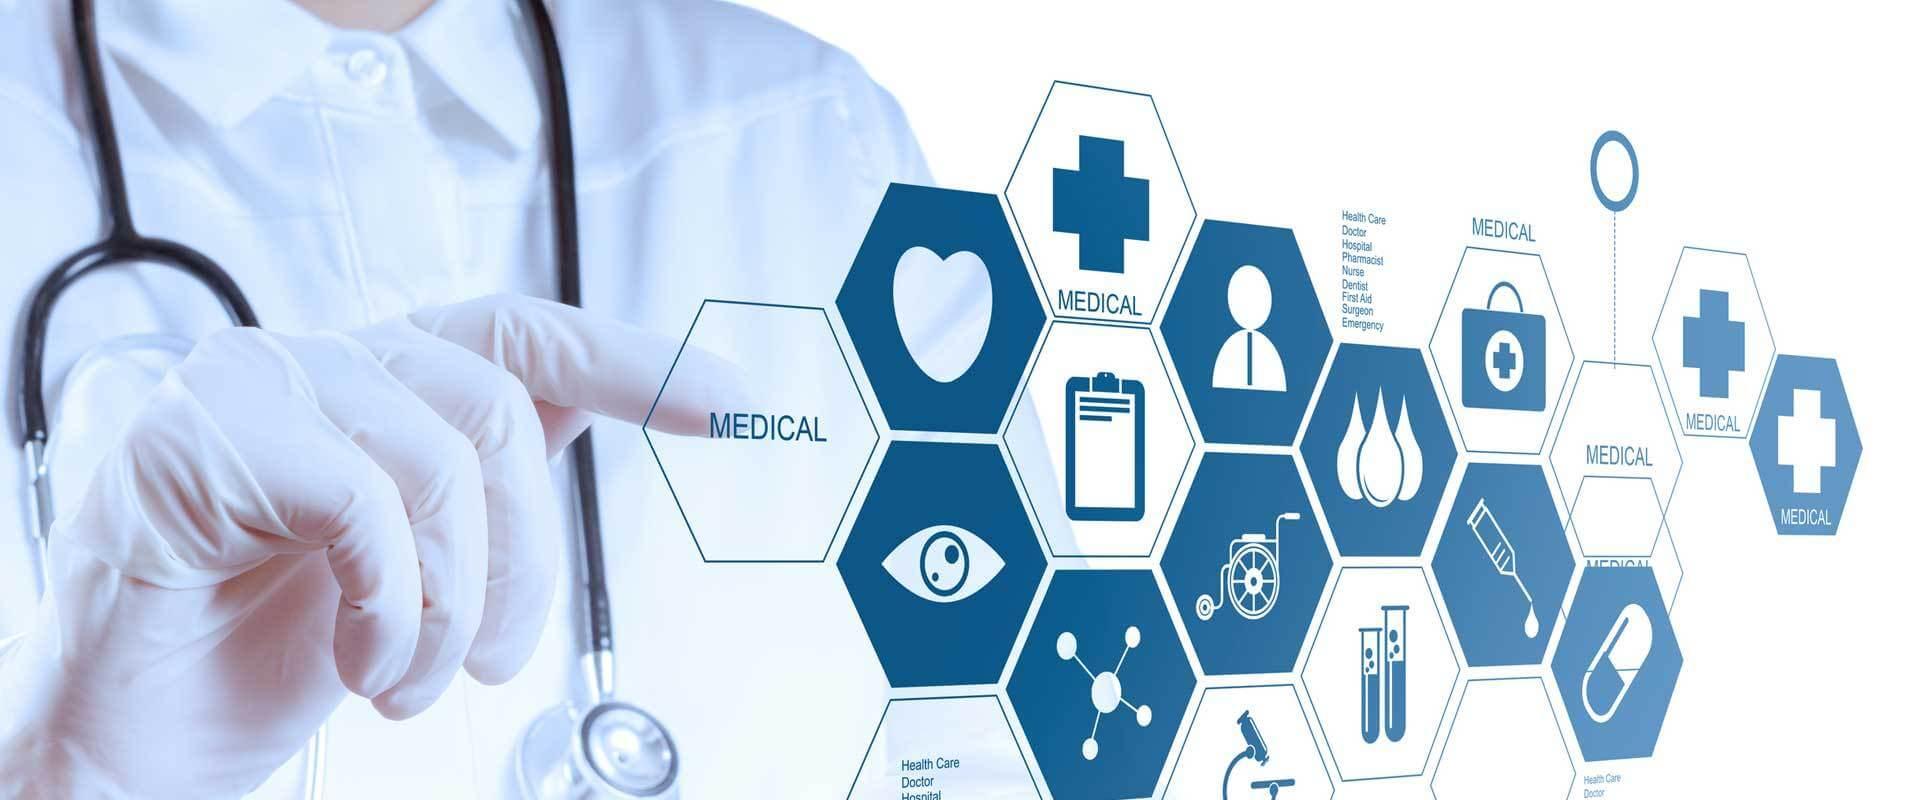 Công nghệ 4.0 ứng dụng nhiều trong lĩnh vực y tế